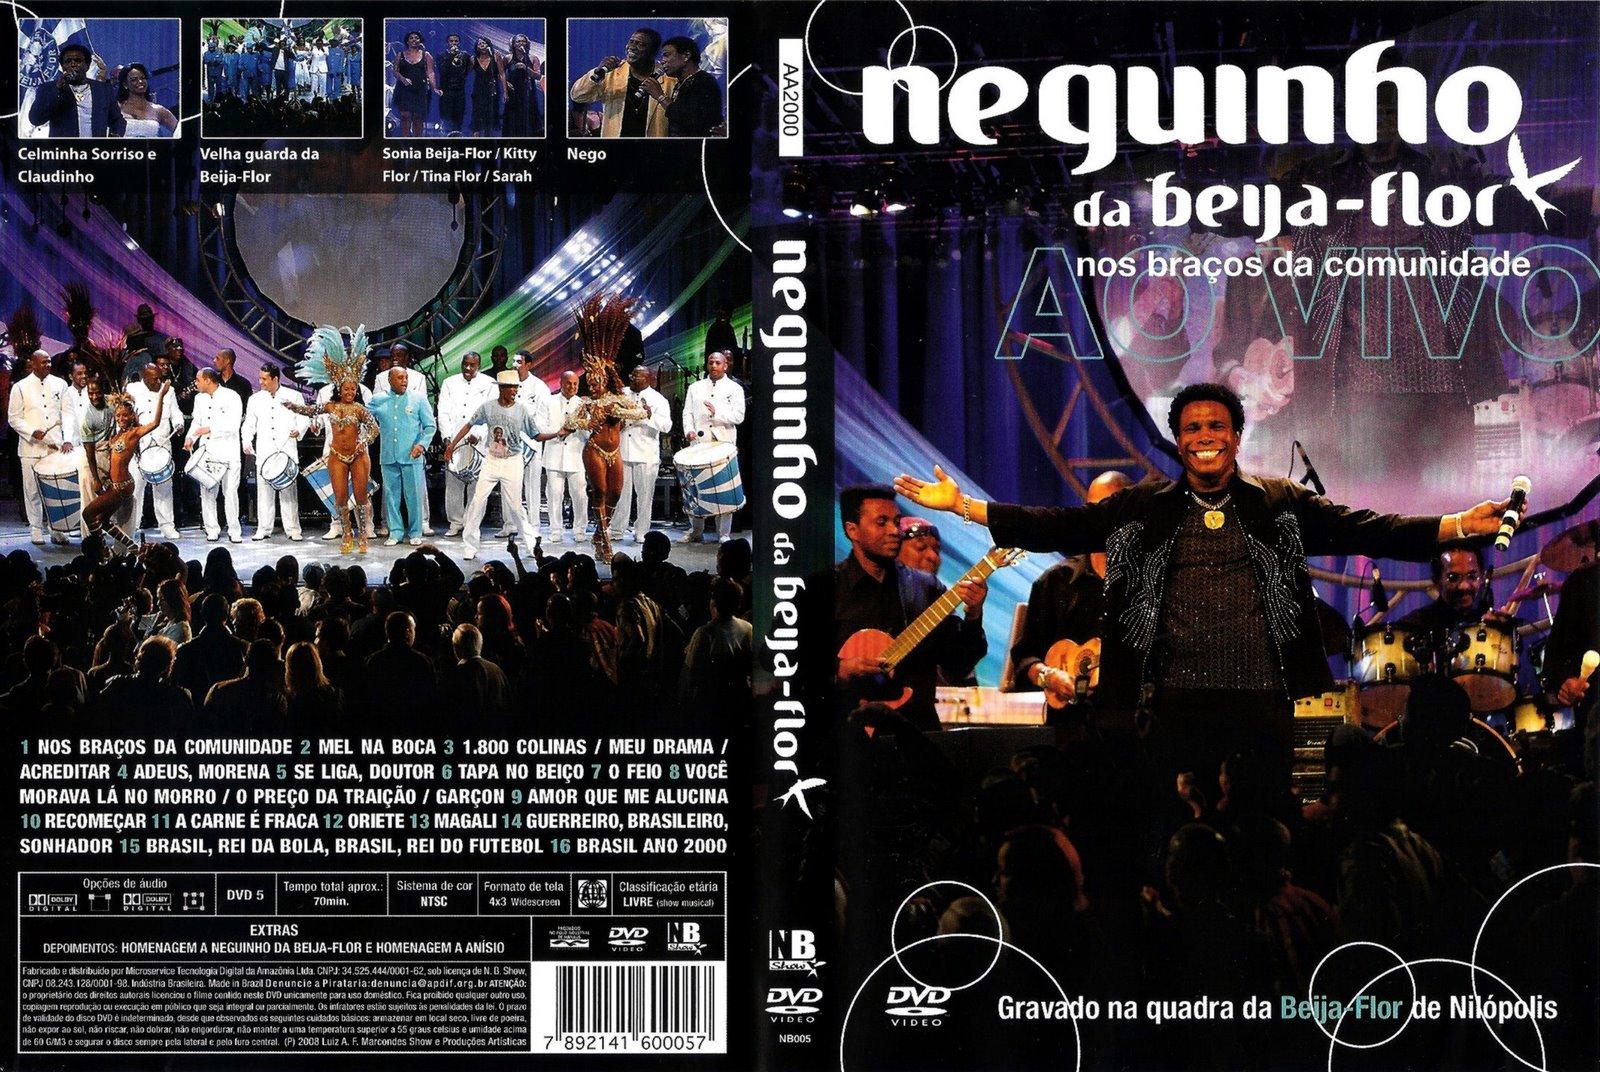 Neguinho Da Beija Flor - Nos Braços Da Comunidade (2011)